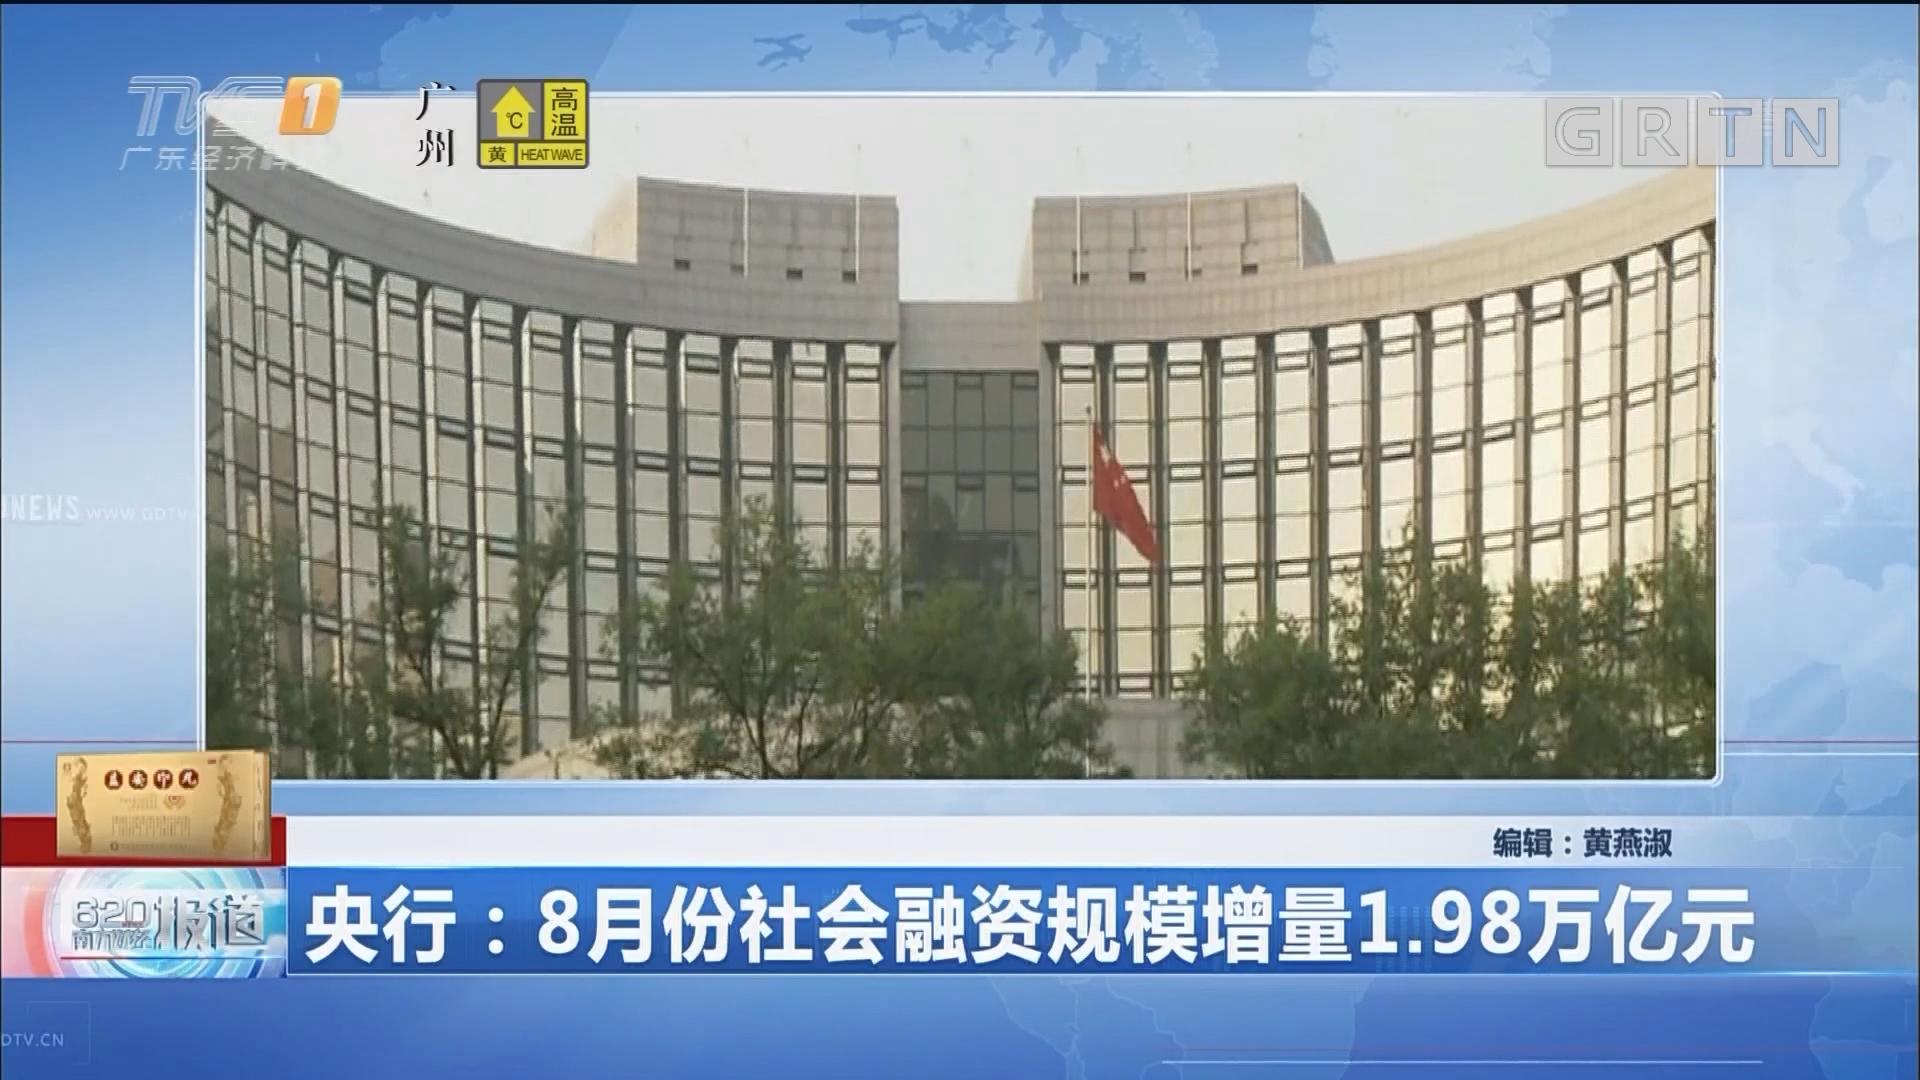 央行:8月份社会融资规模增量1.98万亿元